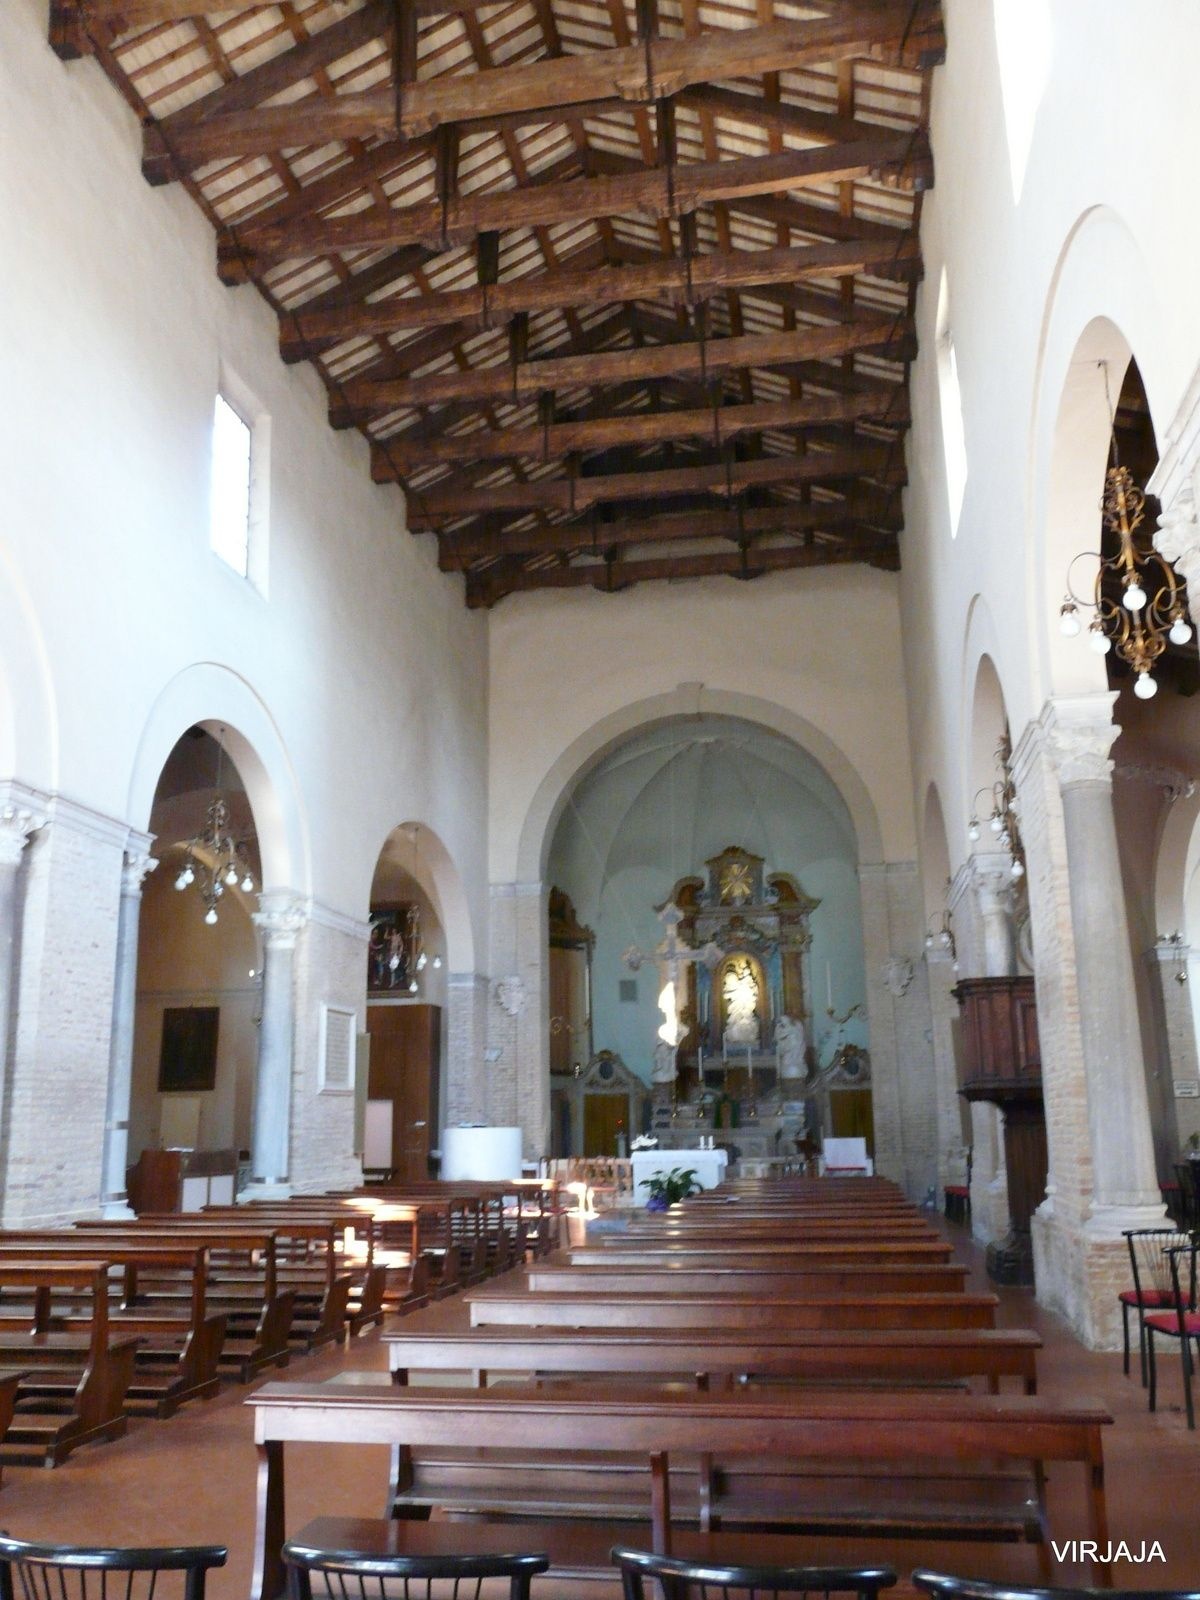 église S. Maria Maggiore